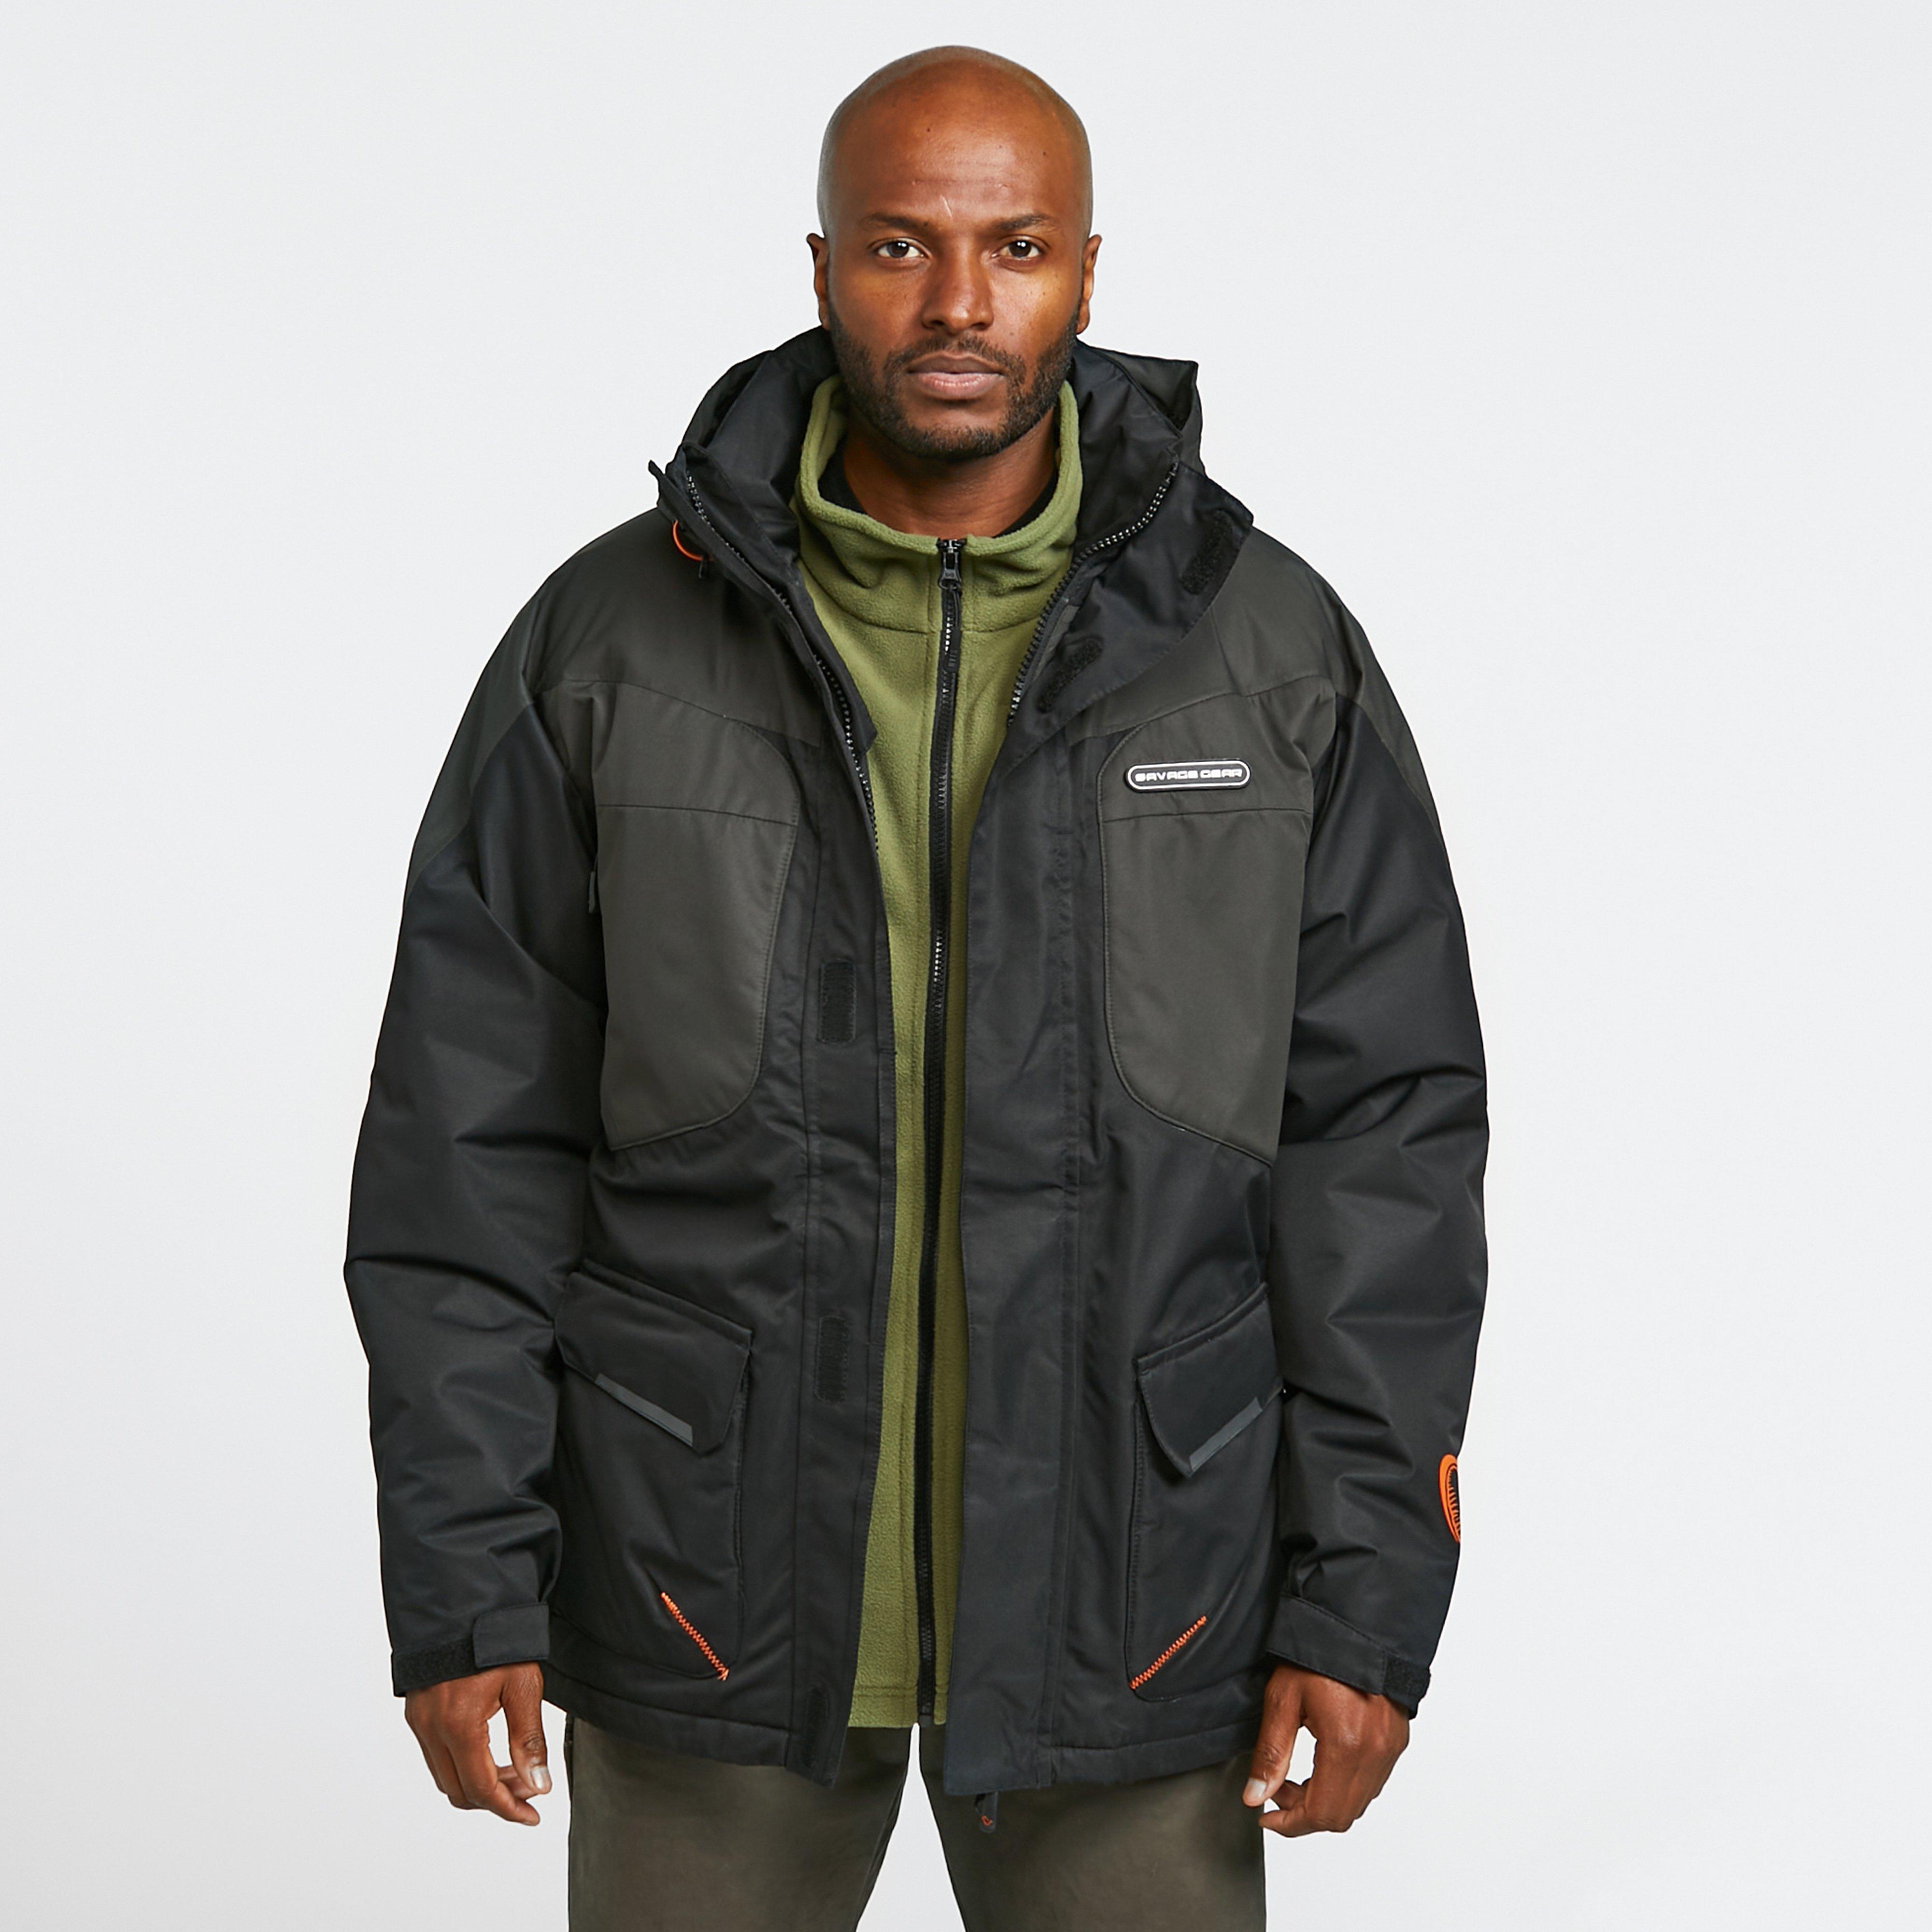 Savagegear Heatlite Thermo Jacket - Black/Jacket, Black